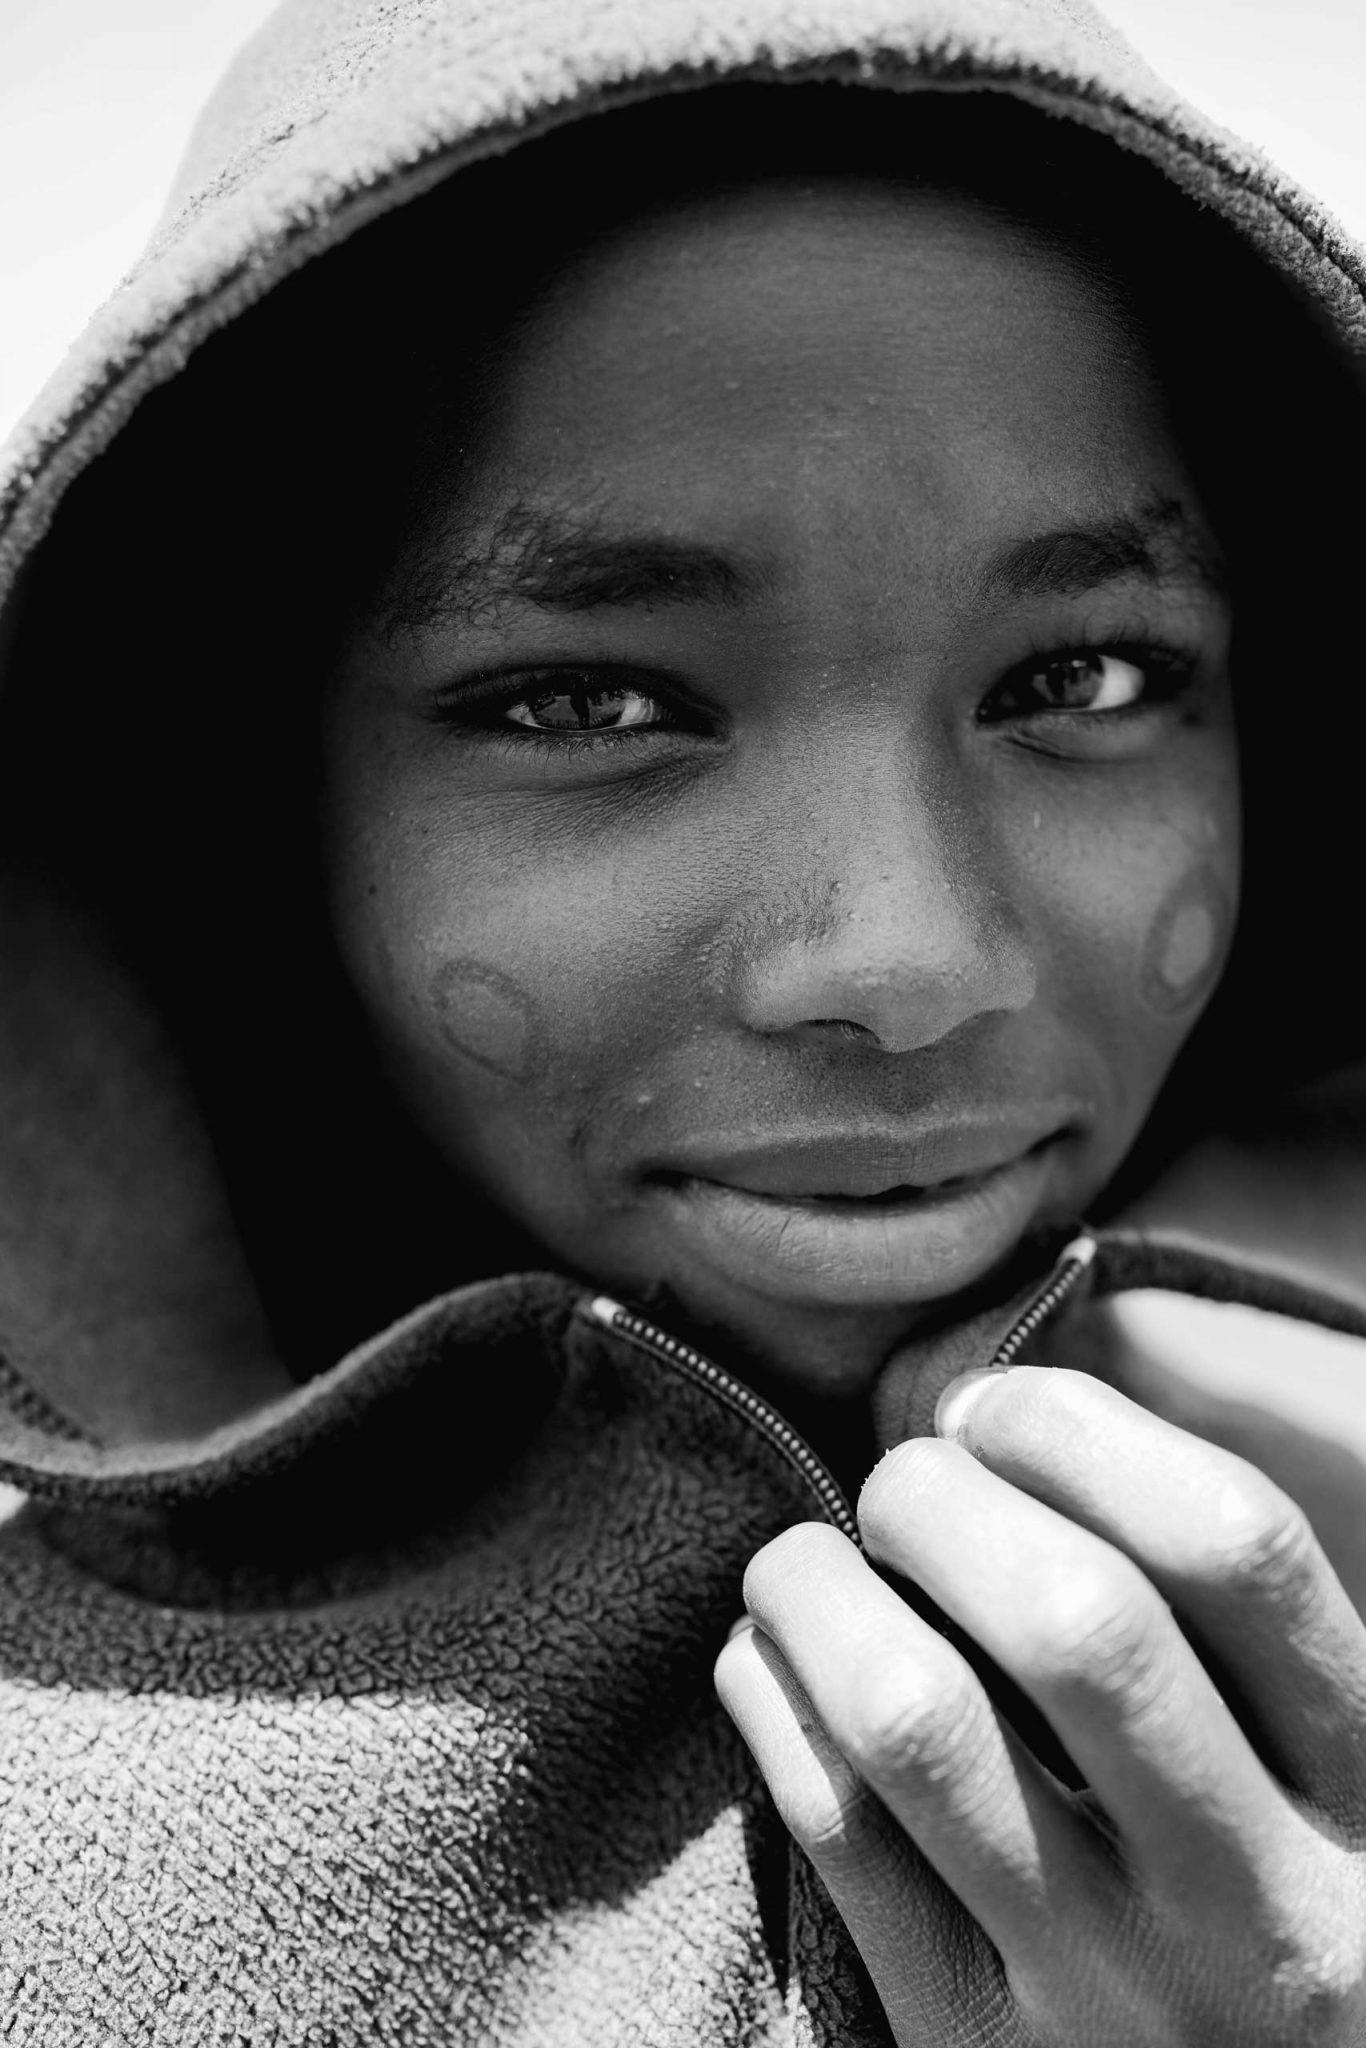 Ilsoo_van_Dijk_Ilsoovandijk_Kenya_The_Raindance_Project_2019_15